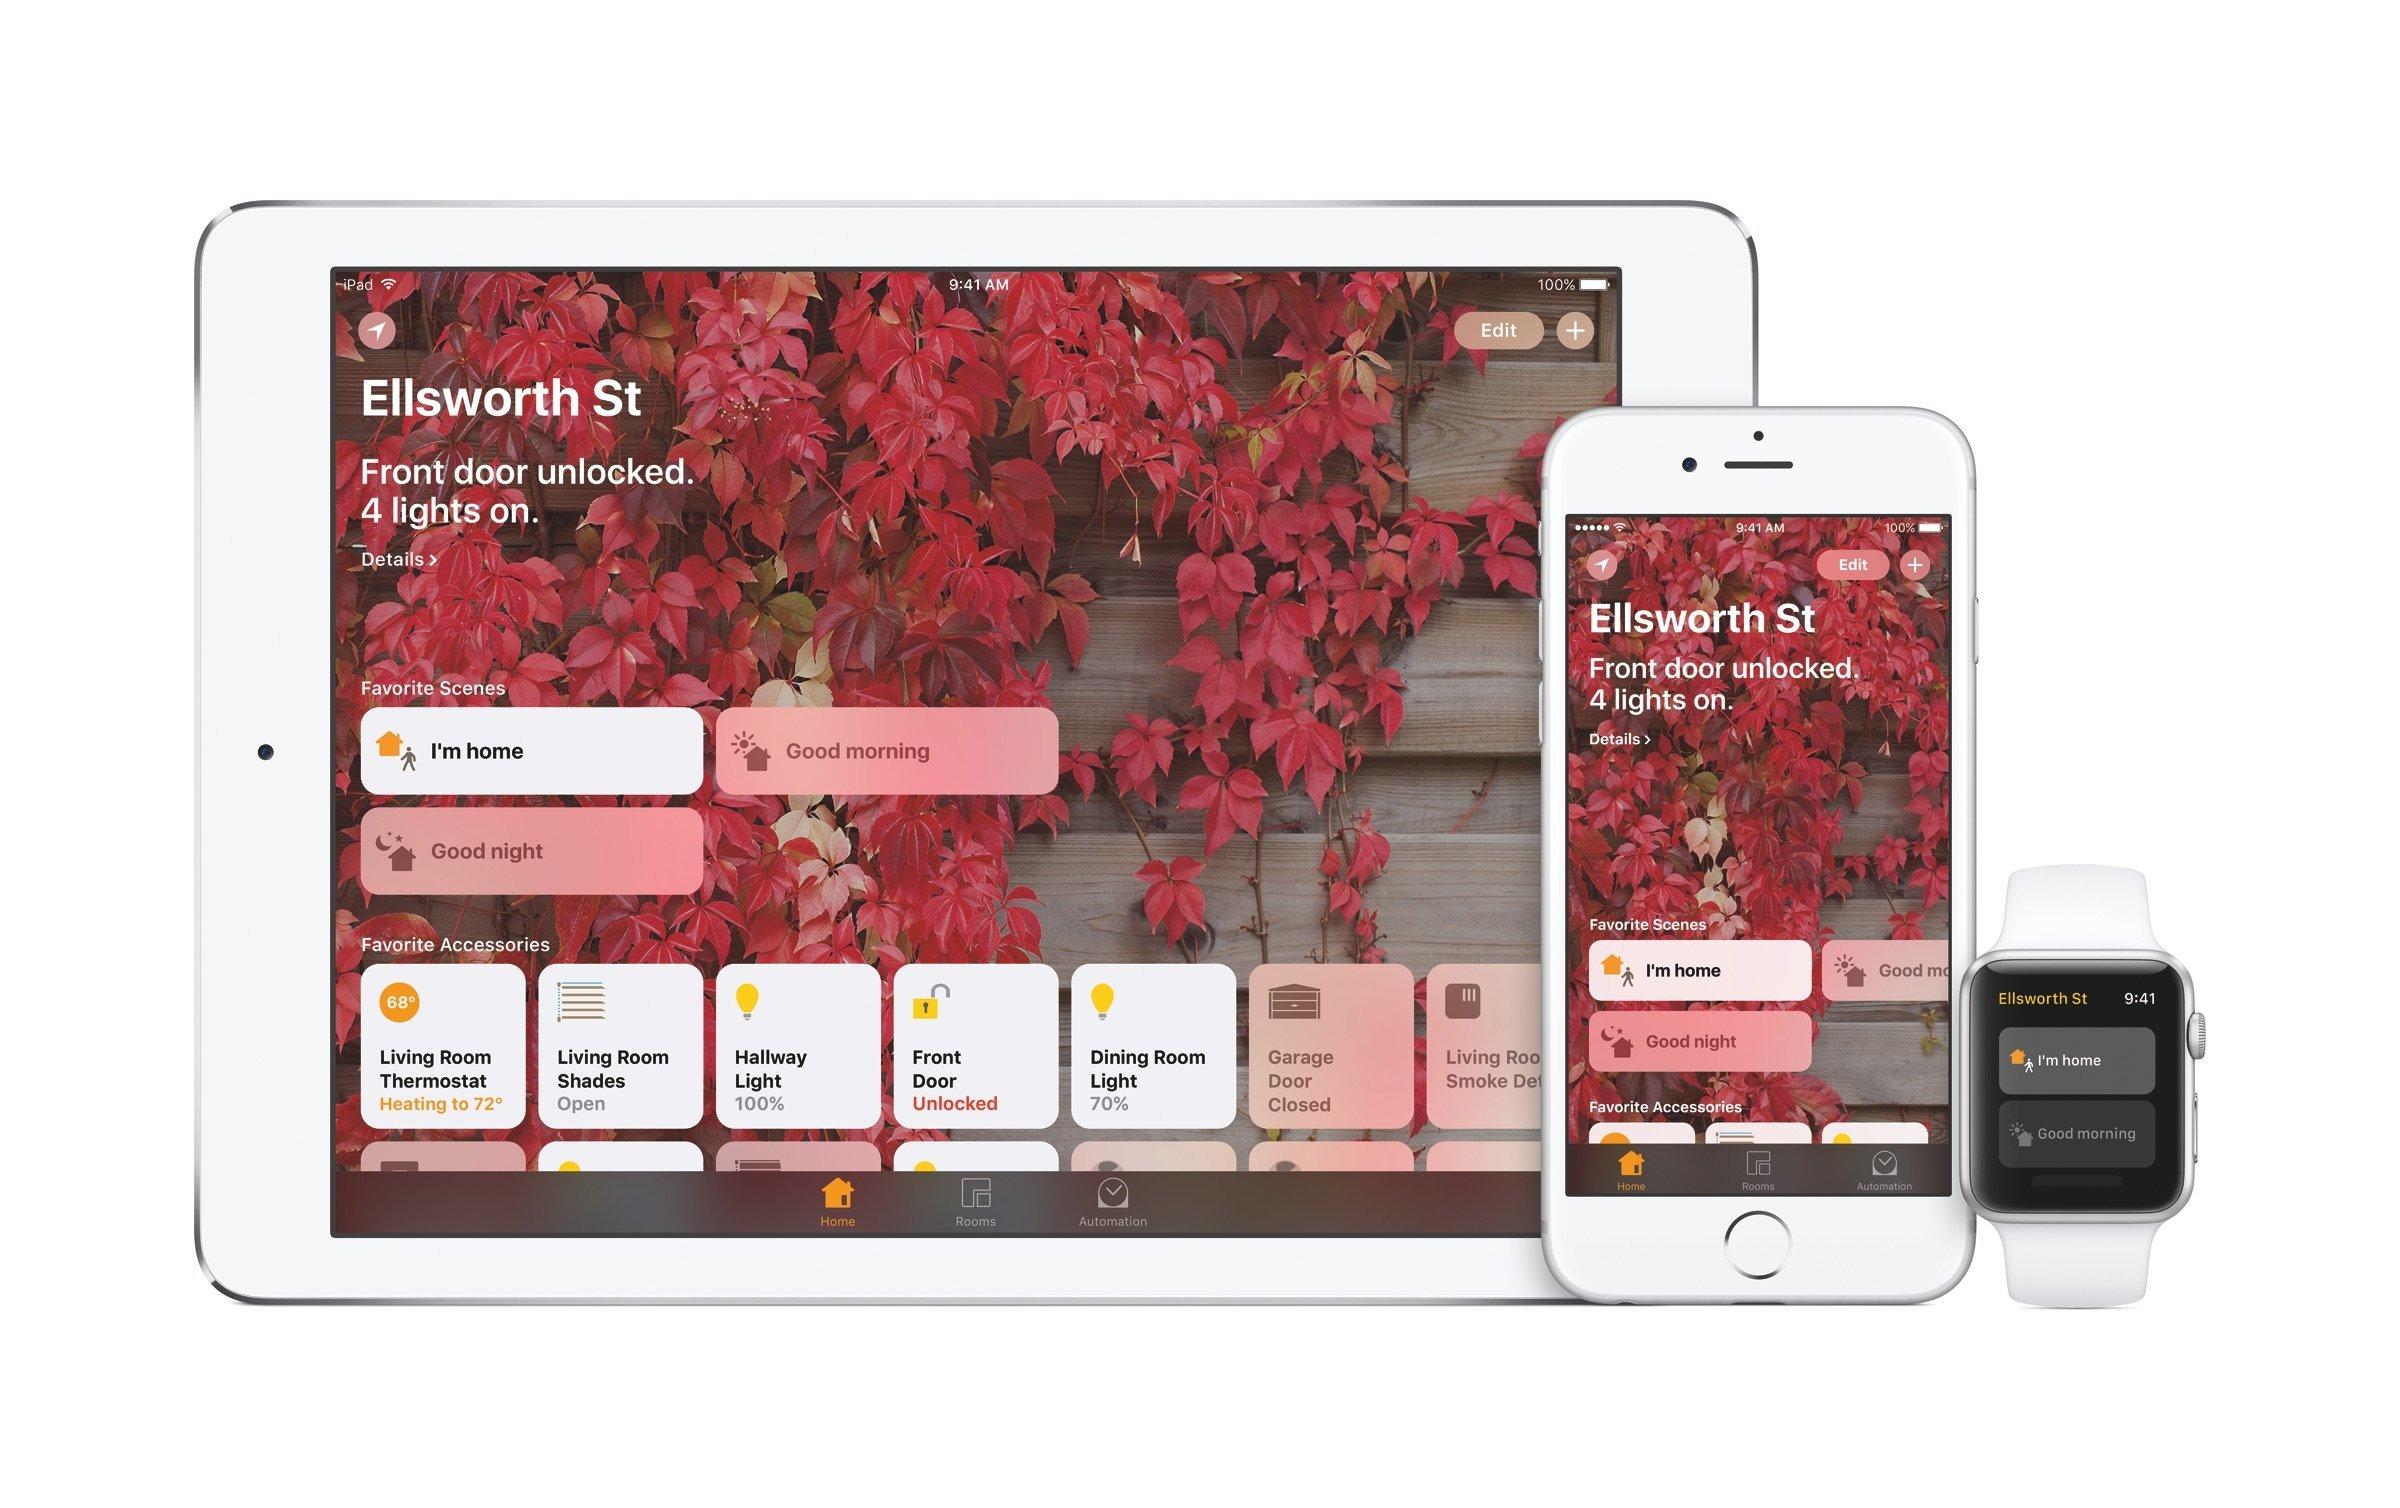 Öffentliche Beta 2 von iOS 10 für iPhone, iPad und iPod touch erschienen